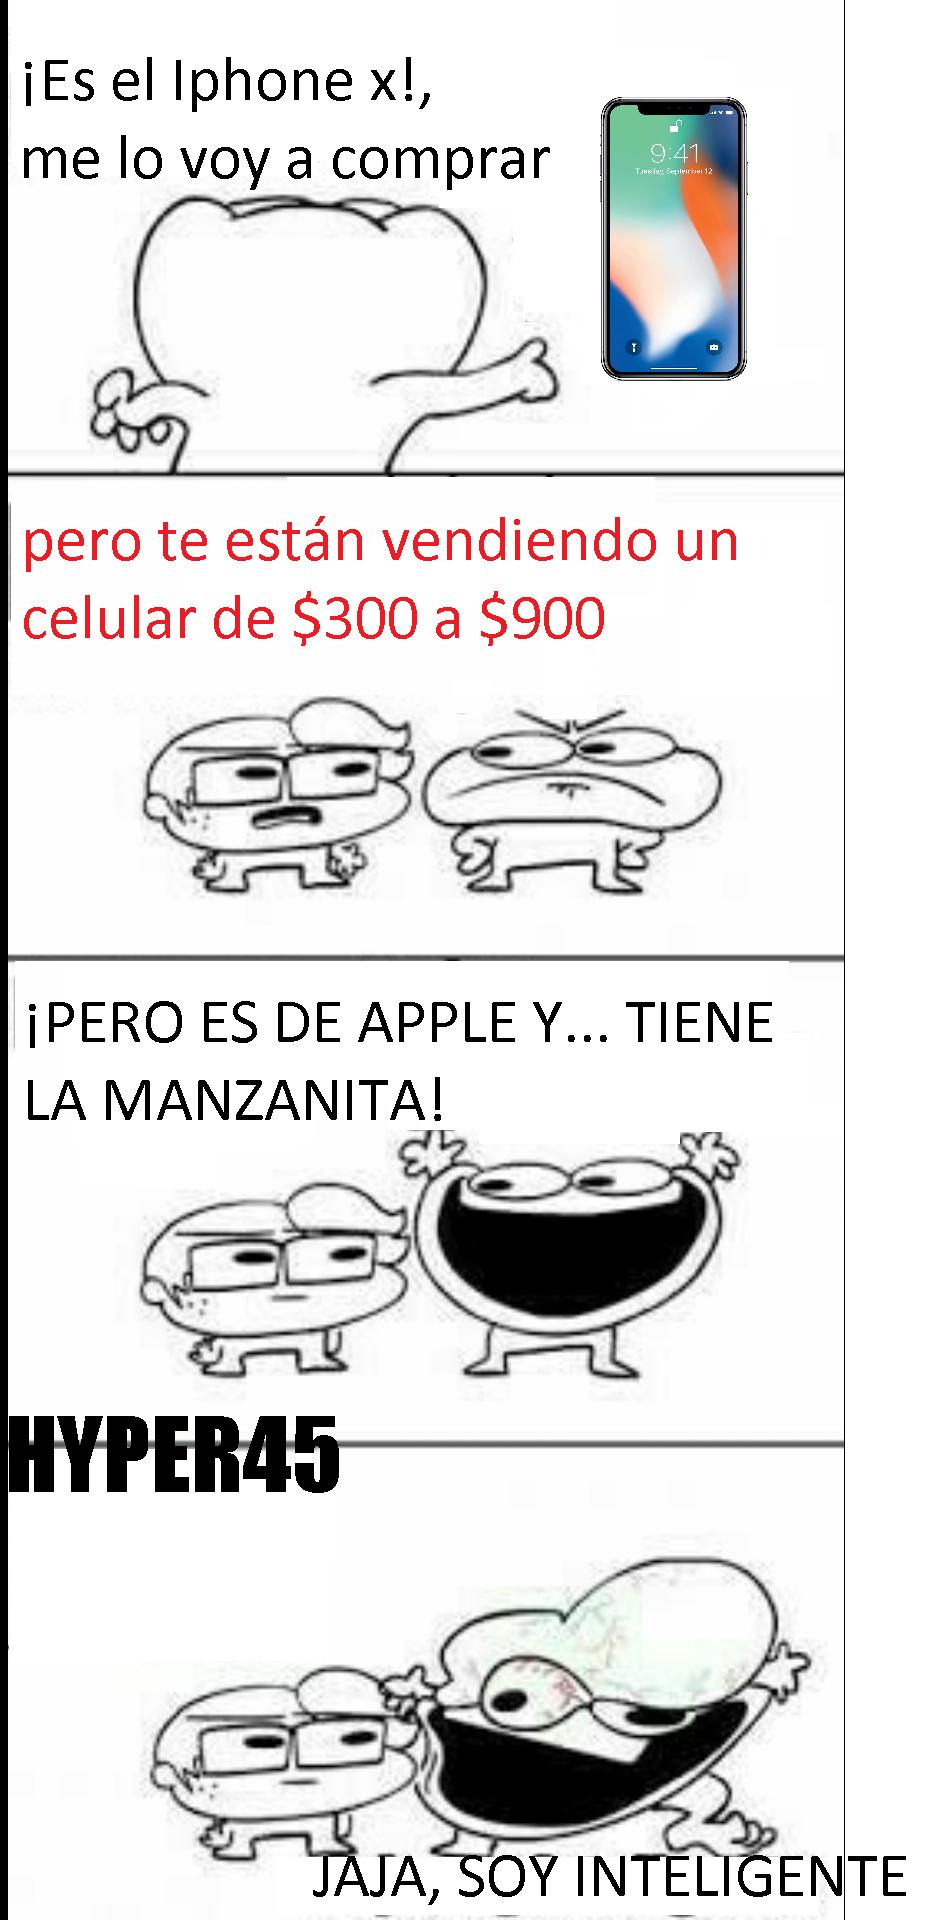 Apple te vende productos de $300 a $900 y se burla de ti, literalmente - meme